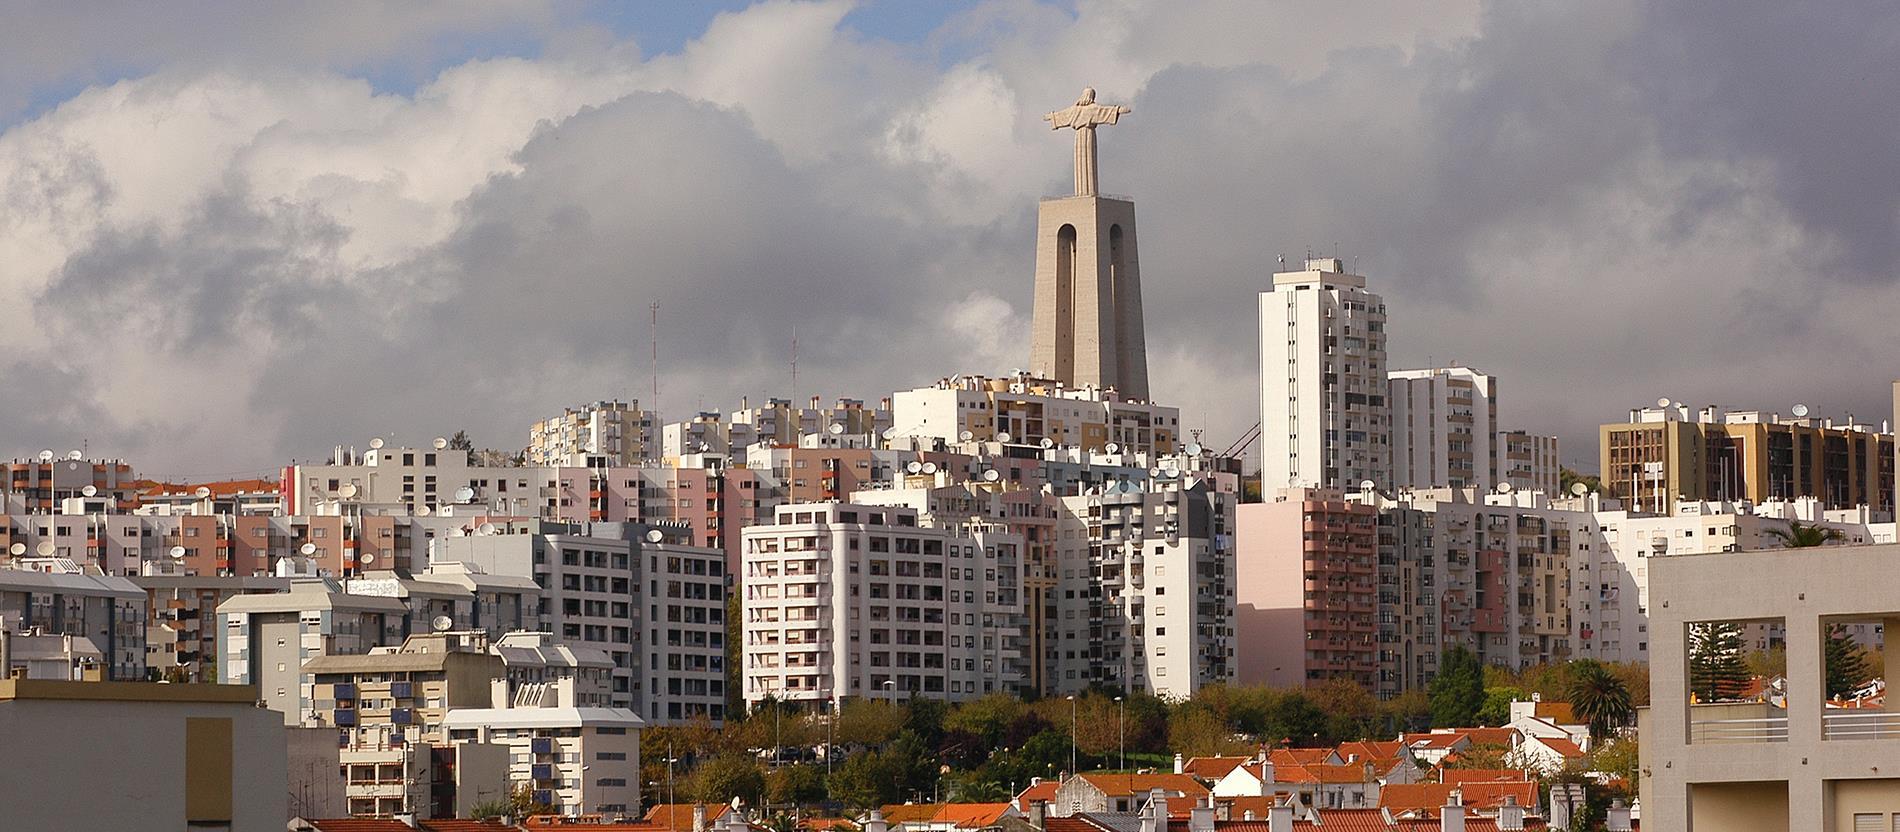 A portugáliai Almada városa fölé emelkedik ez a 28 méter magas szobor, melyet a II. világháború befejeztével, hálából emeltek. 75 méteres talapzata miatt jó kilátást biztosít szemben lévő Lisszabonra.